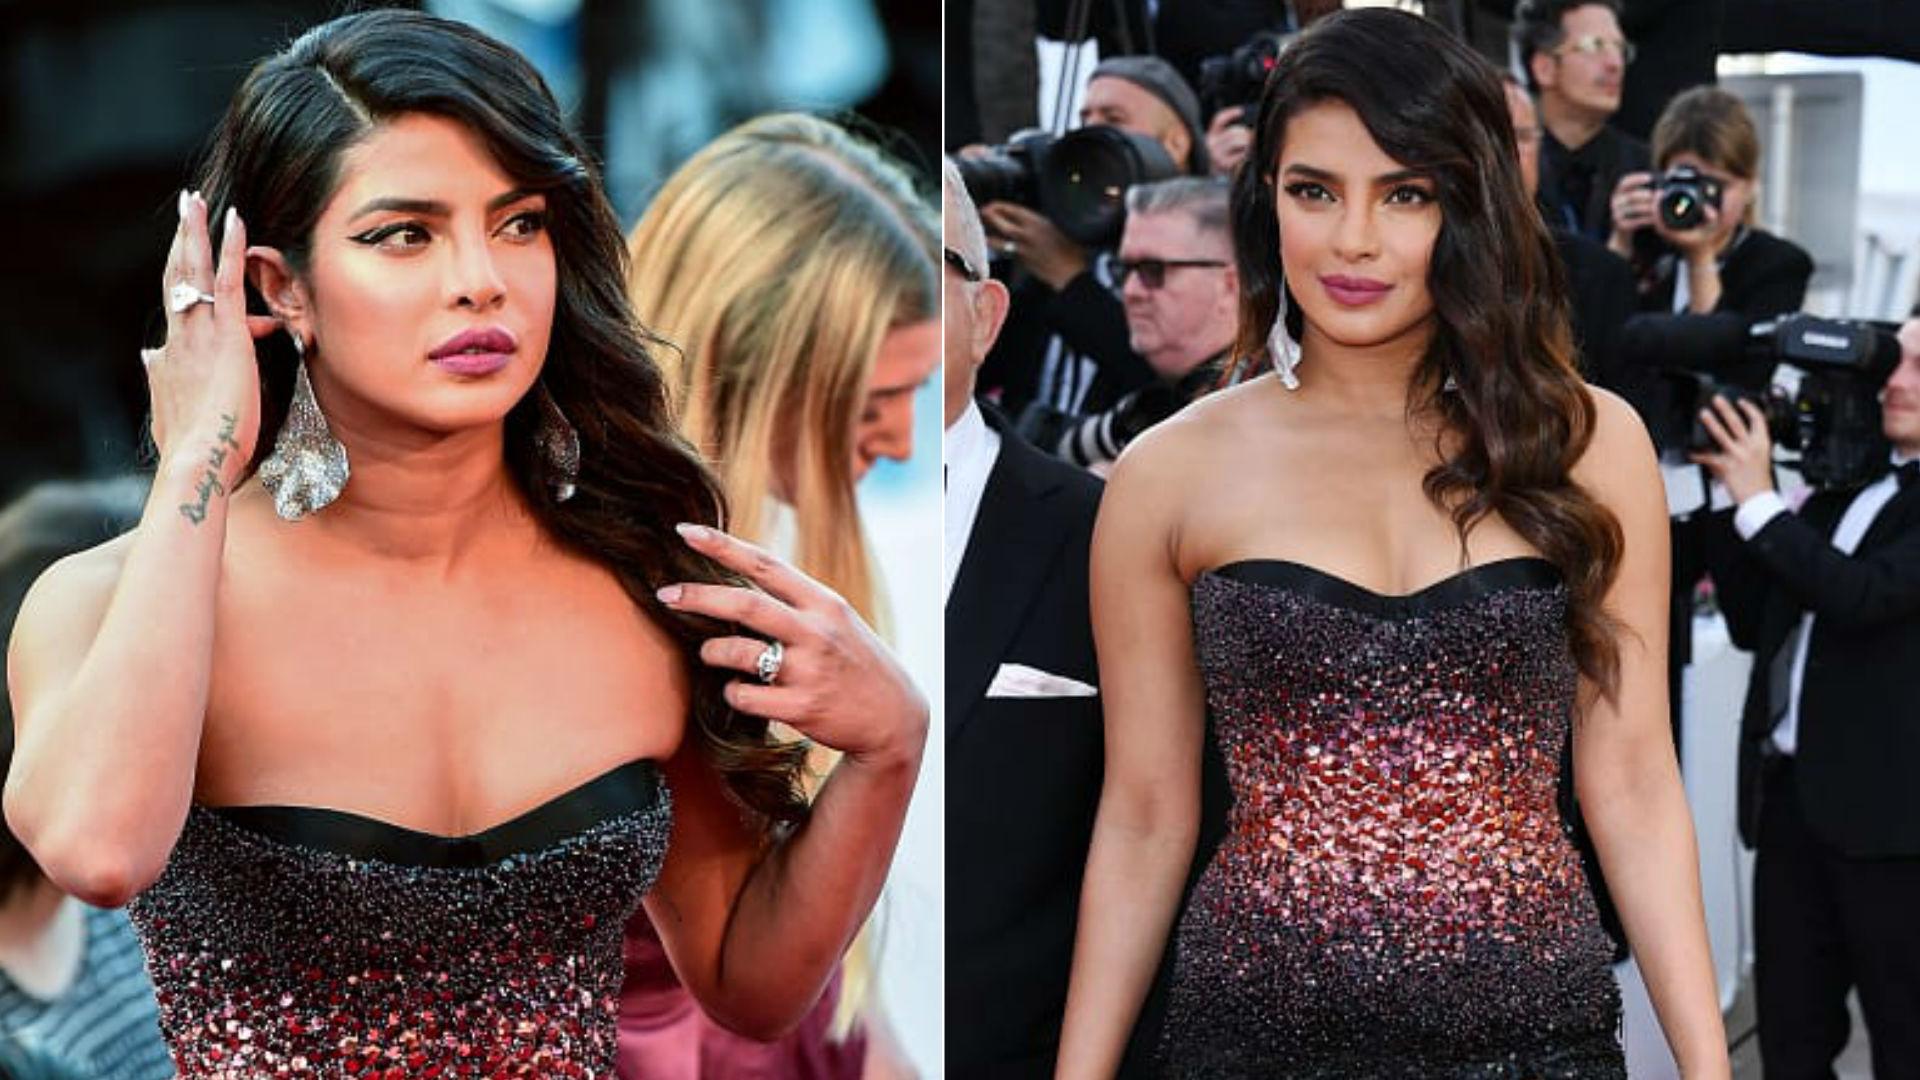 Cannes 2019: कान्स के रेड कार्पेट पर अब प्रियंका चोपड़ा की एंट्री, उड़ाए सबके होश, देखिए खास तस्वीरें